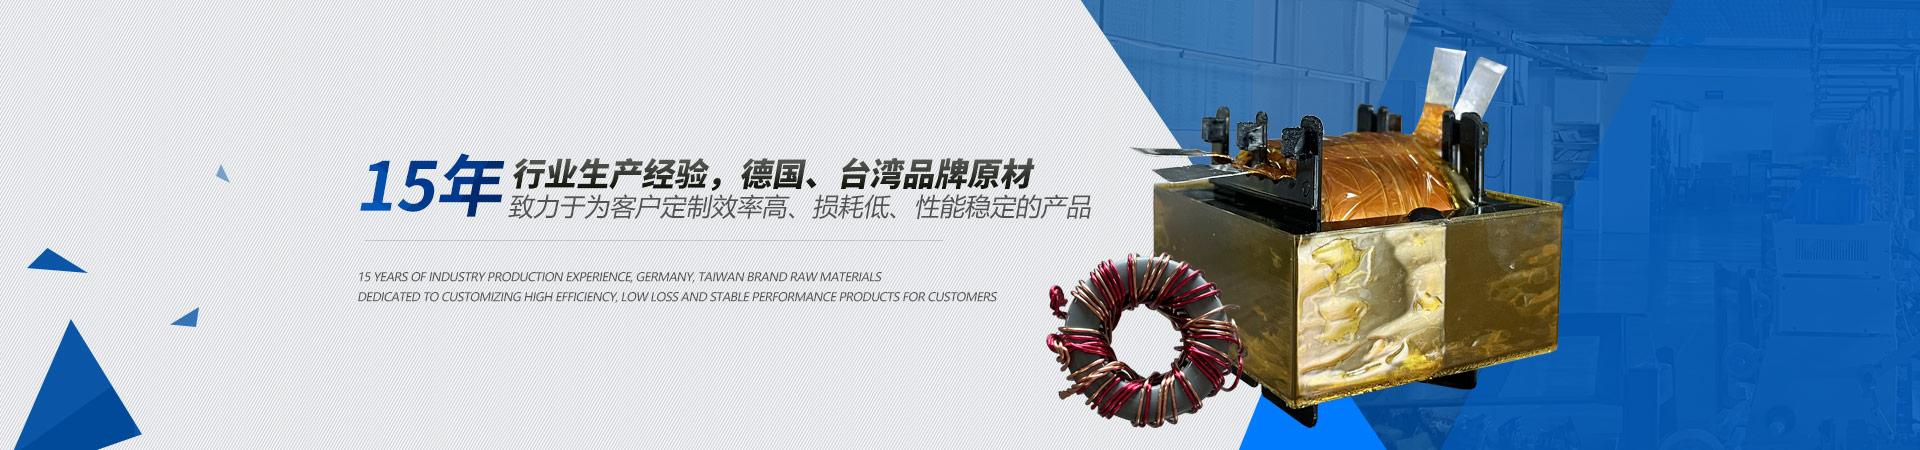 美登电子:15年行业生产经验,德国、台湾品牌原材